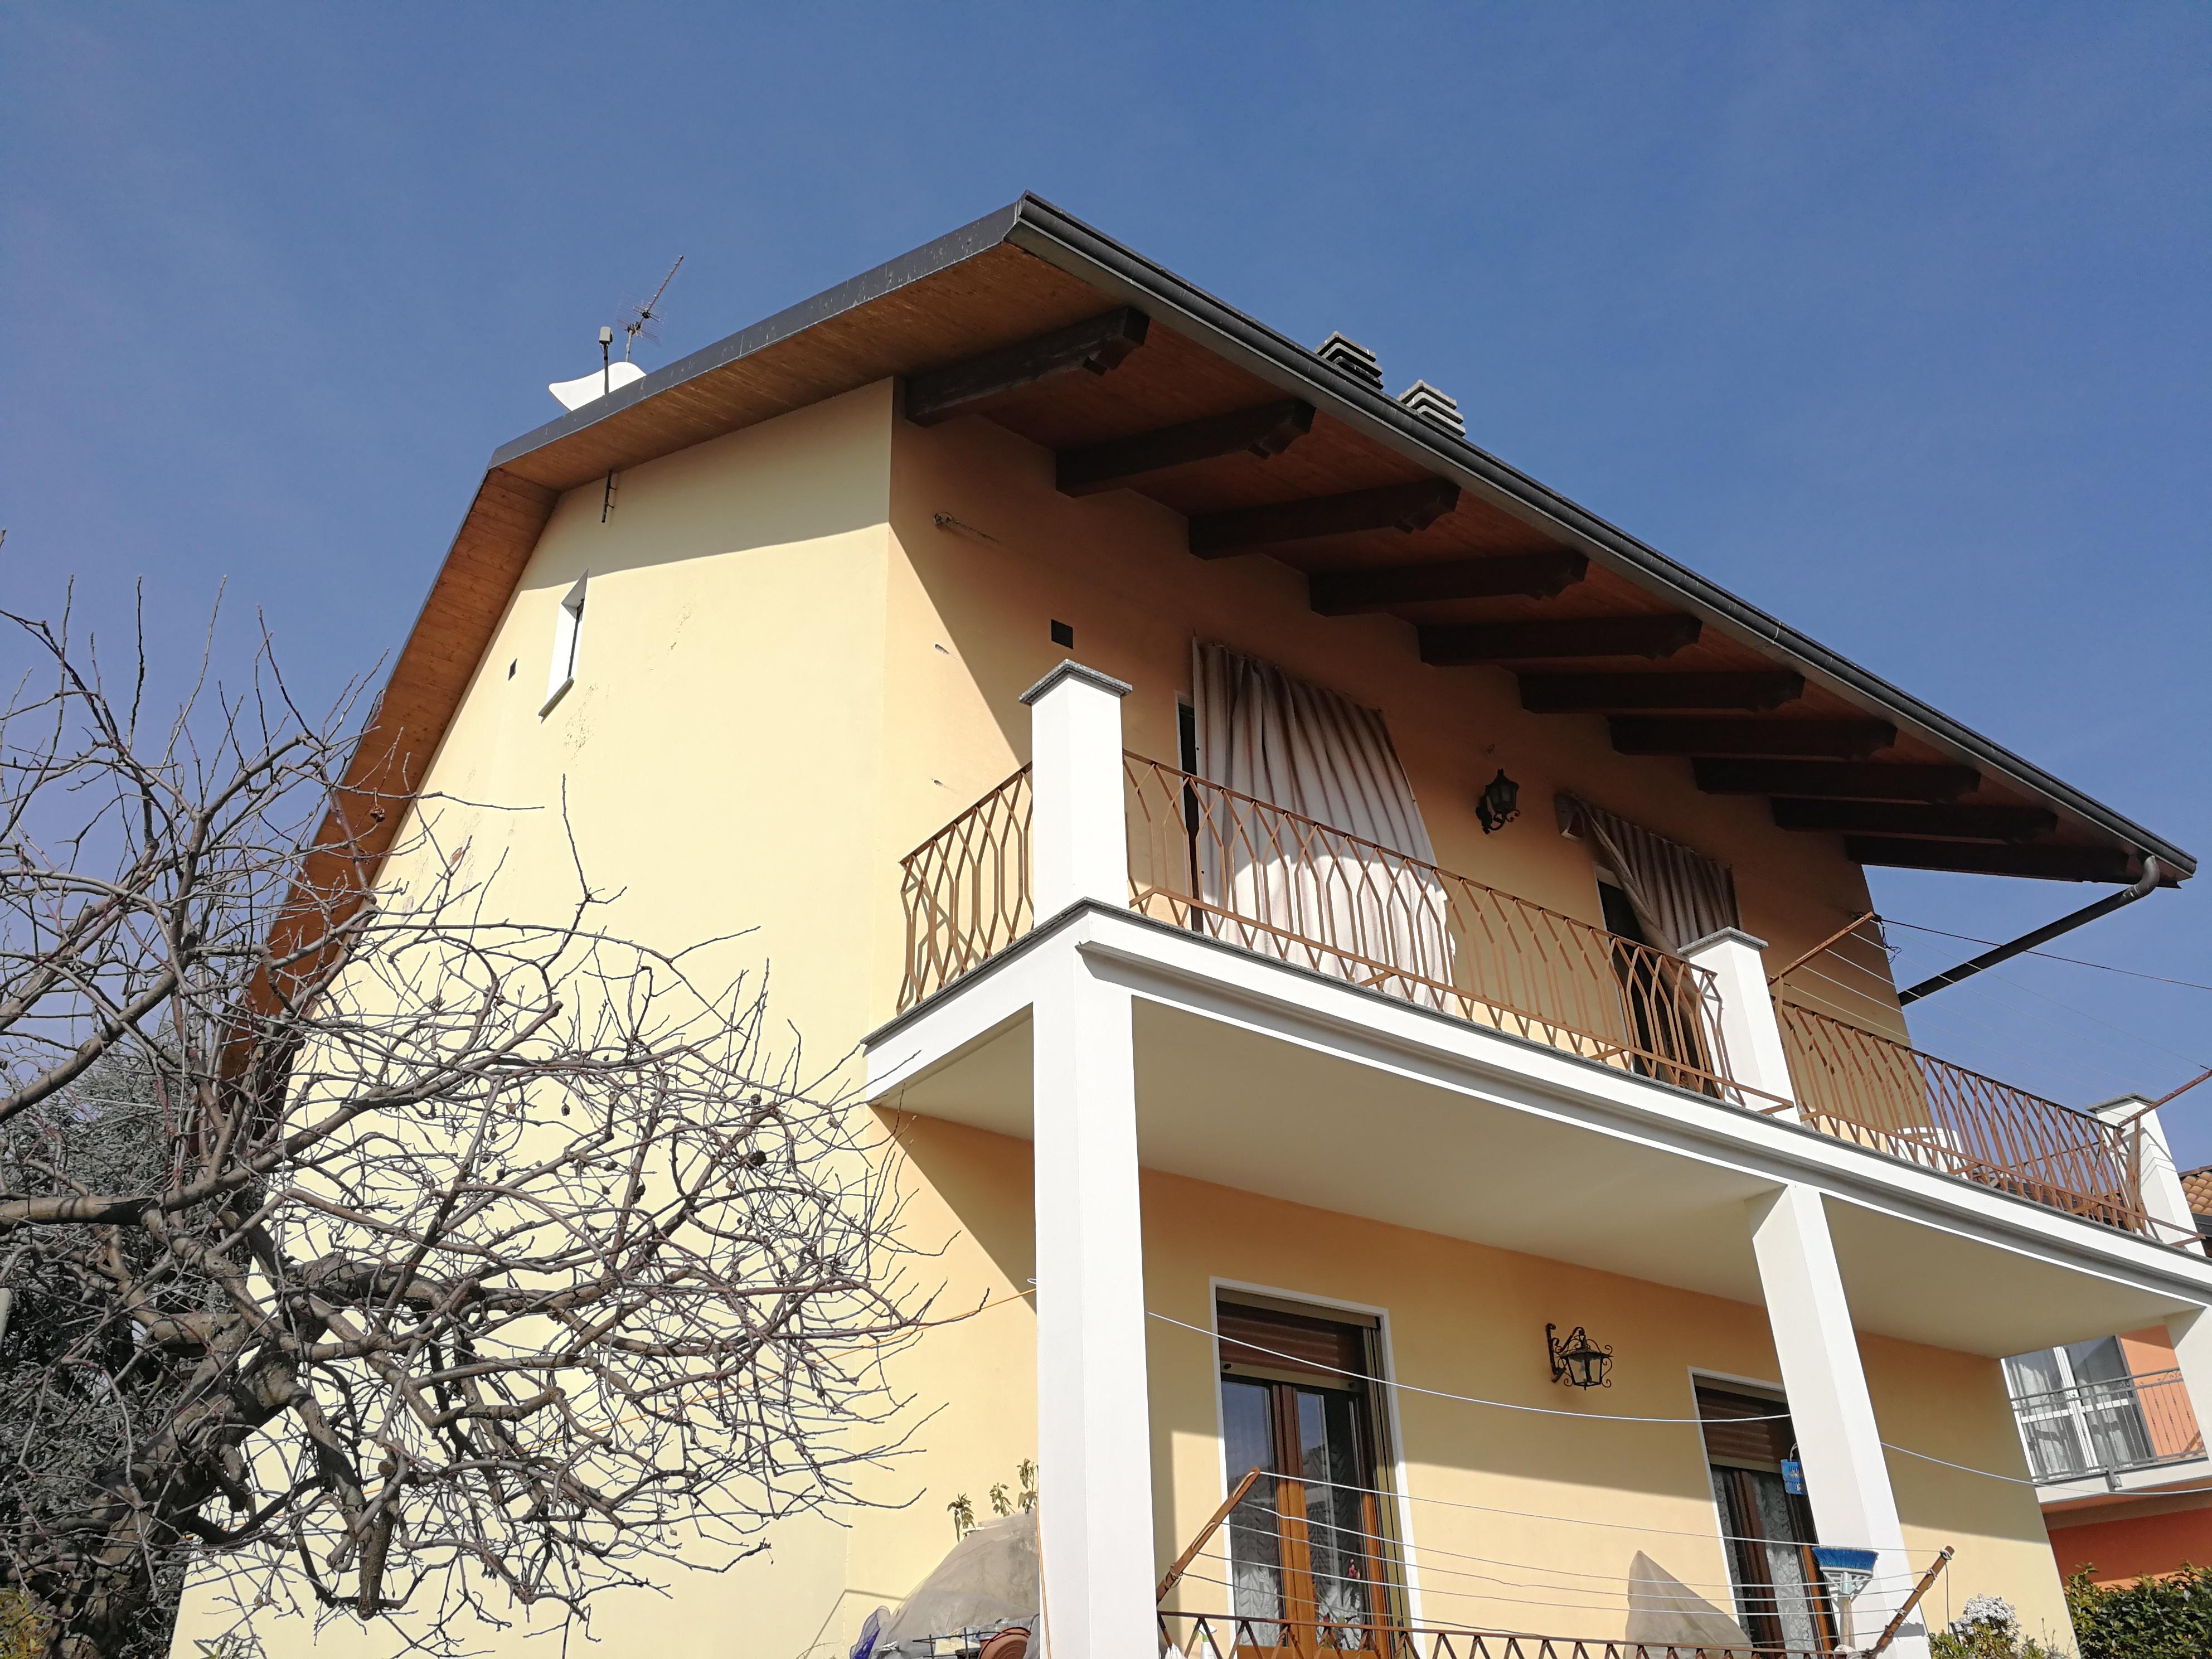 Caselle T.se. Alloggio in bifamigliare con giardino € 179.000